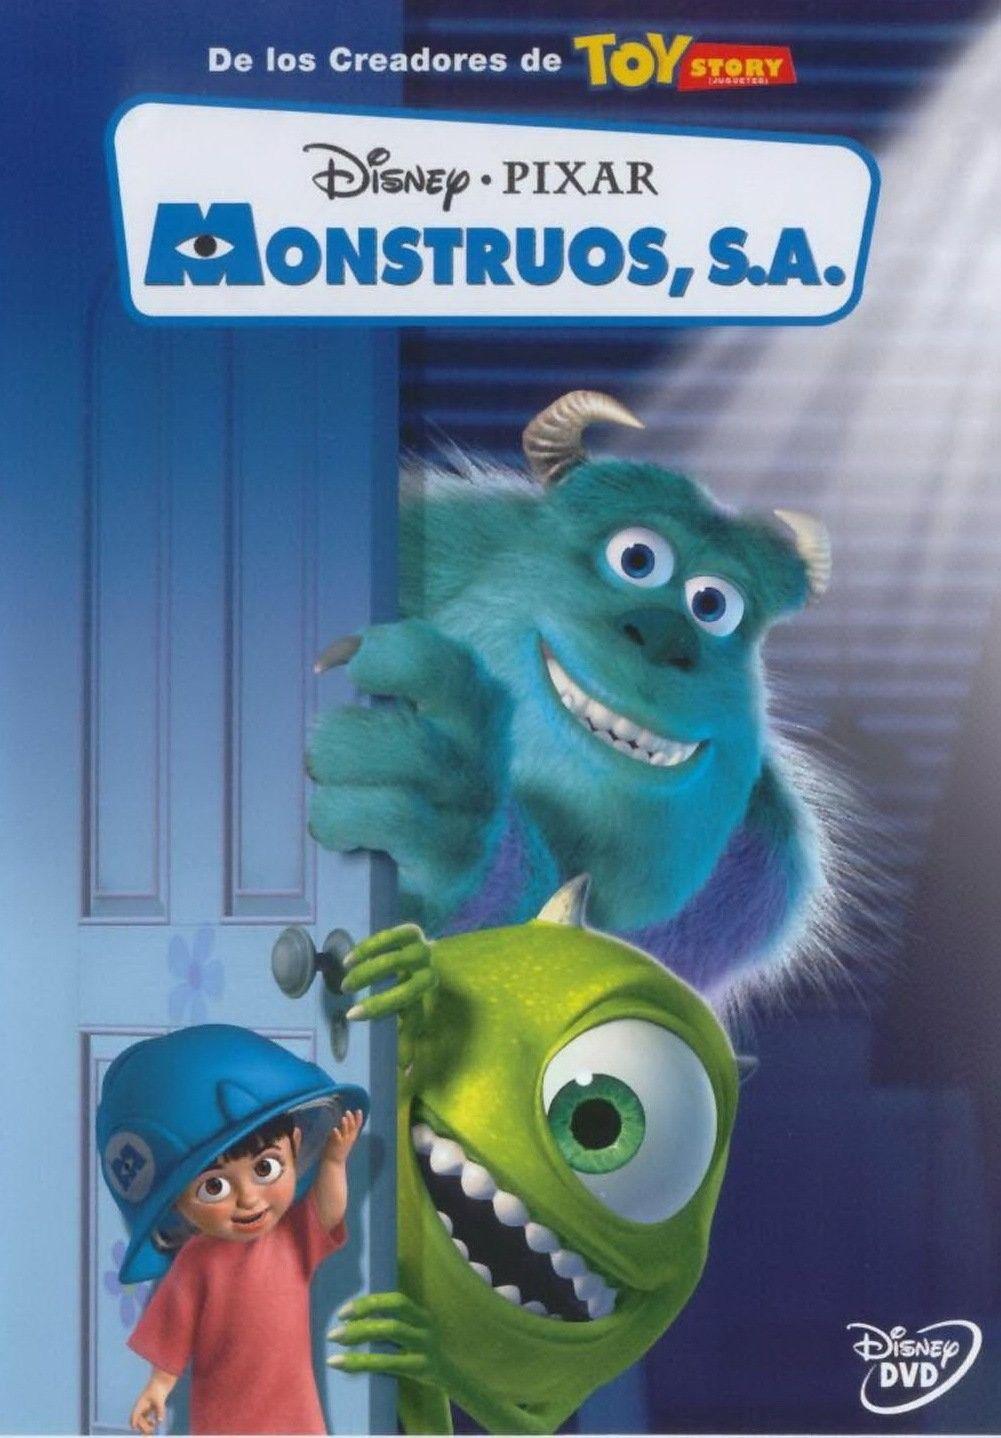 Ver Monsters Inc Online Gratis 2001 Hd Pelicula Completa Espanol Monstros E Companhia Filmes Infantis Filmes Pixar